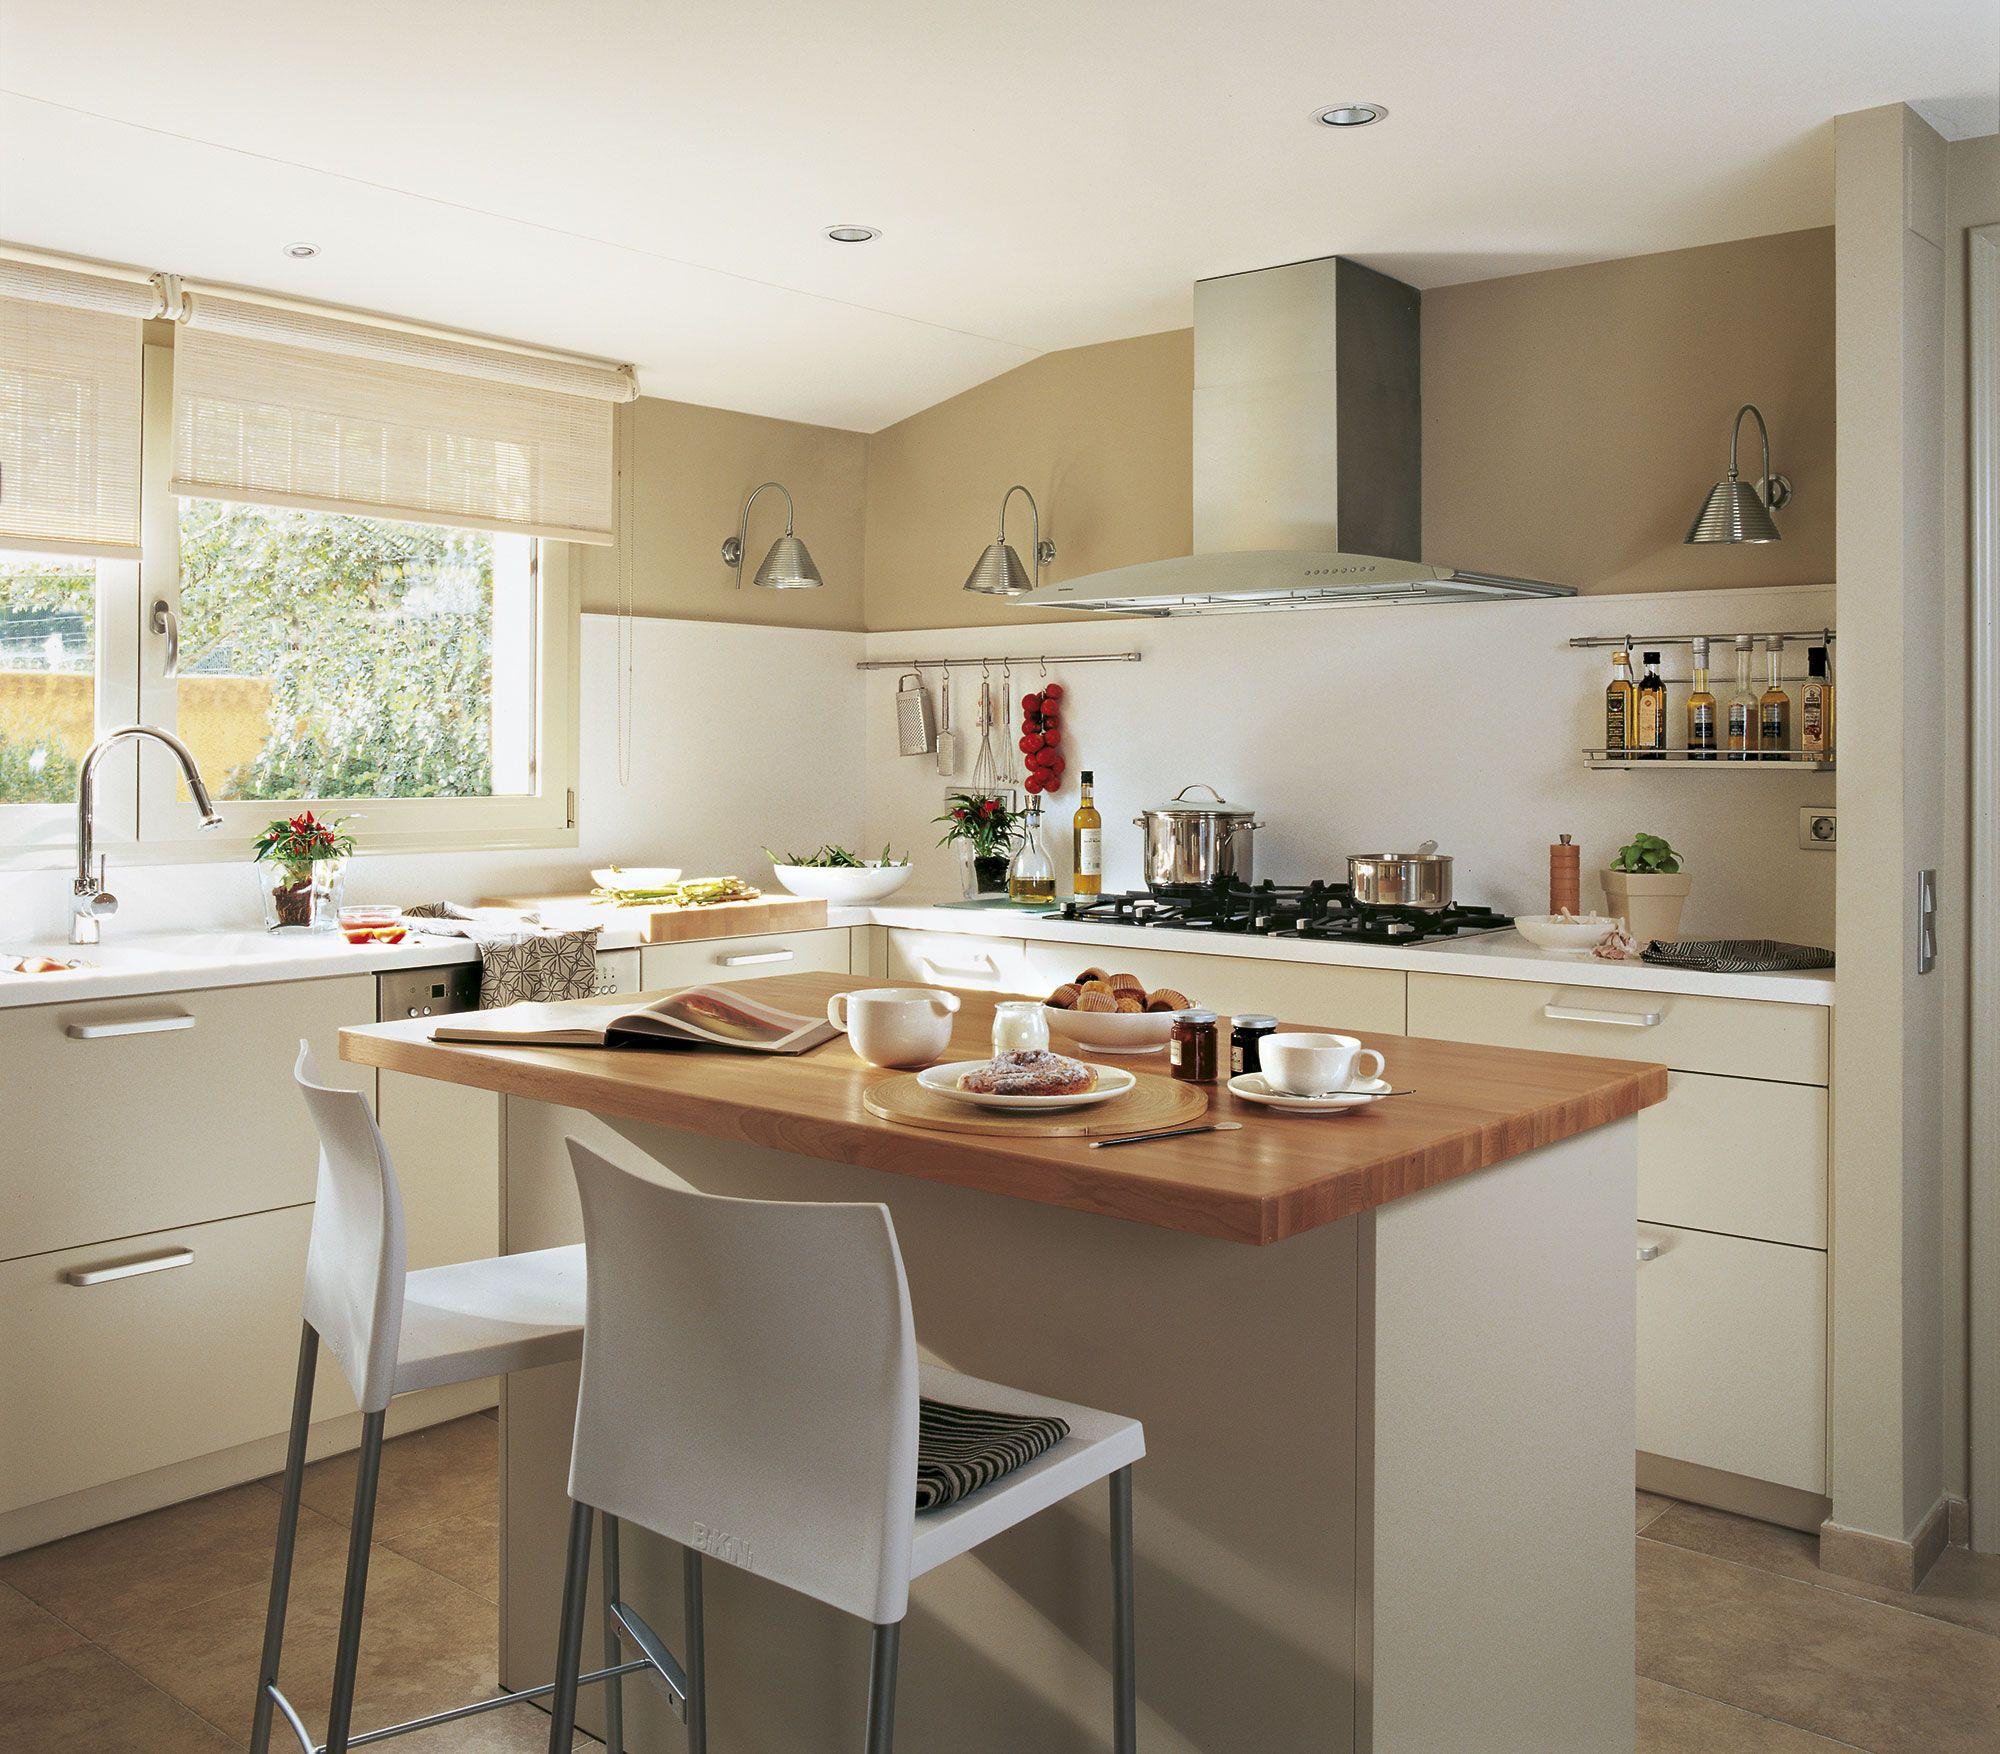 cocina-barra-el-mueble-00465239 O | Cocinas con barra, Desayuno y Madera